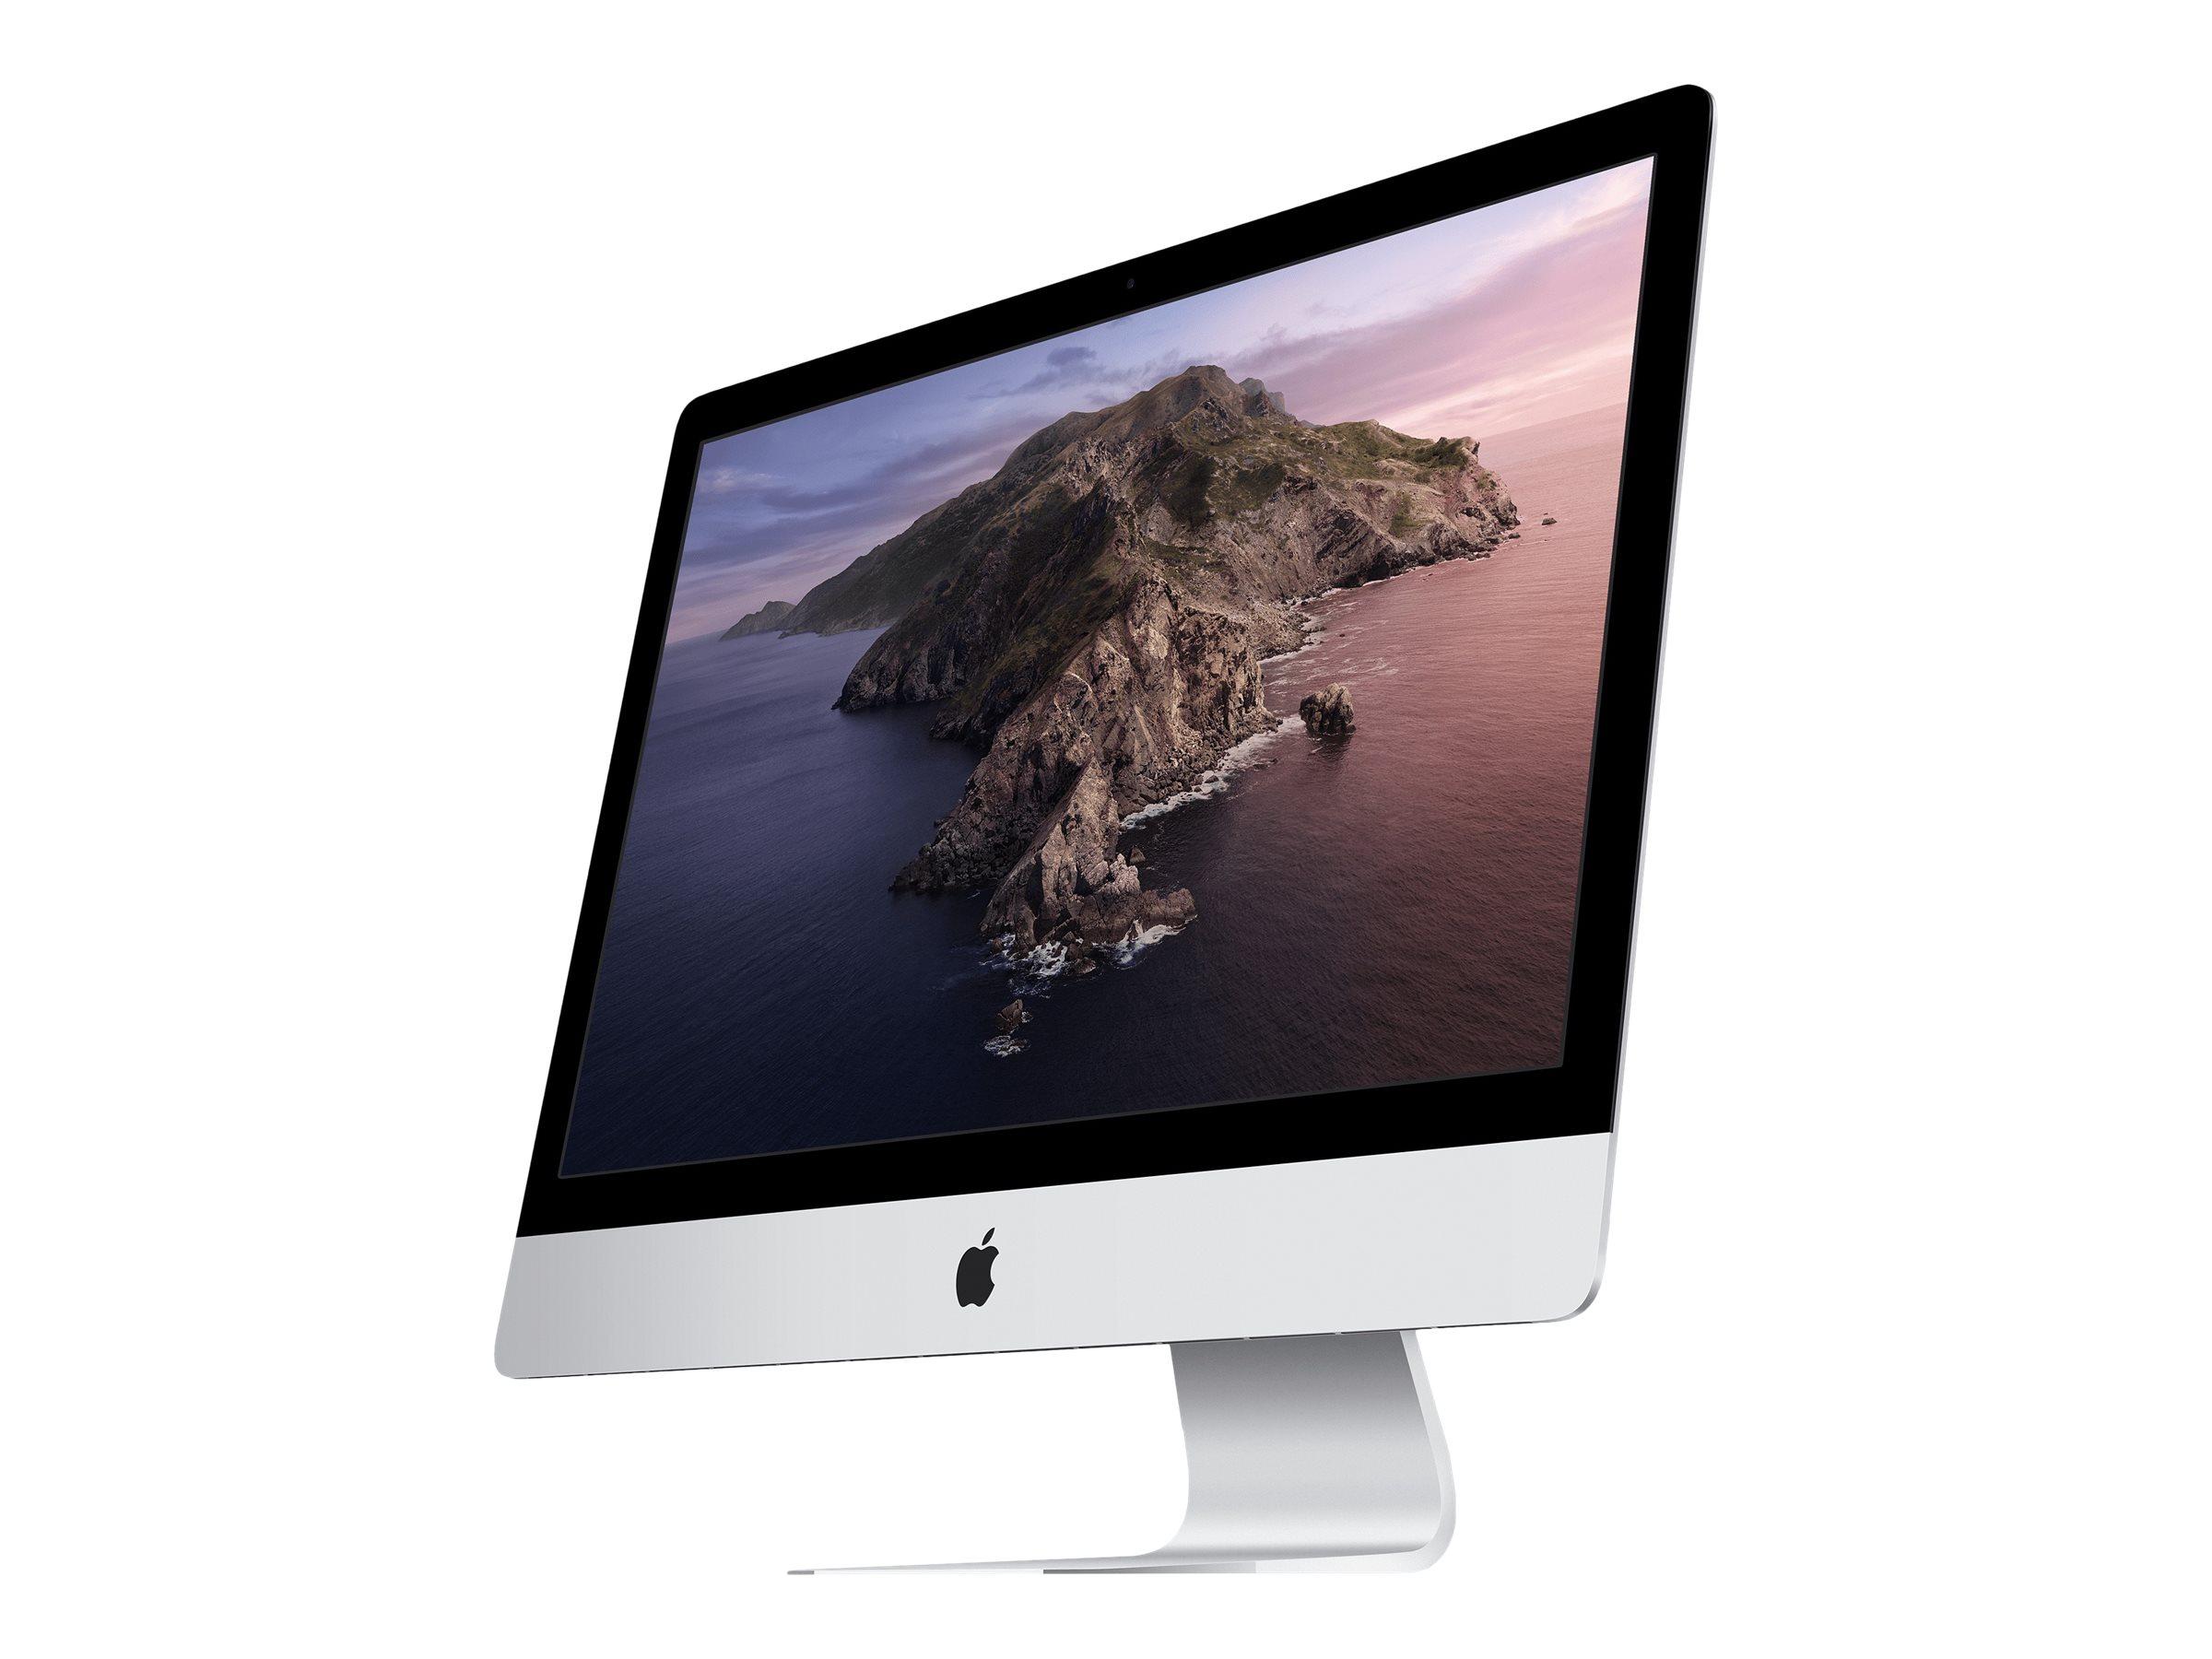 Imac mit retina 5k display all in one komplettloesung core i5 3 1 ghz ram 8 gb ssd 256 gb radeon pro 5300 14188759 mxwt2d a